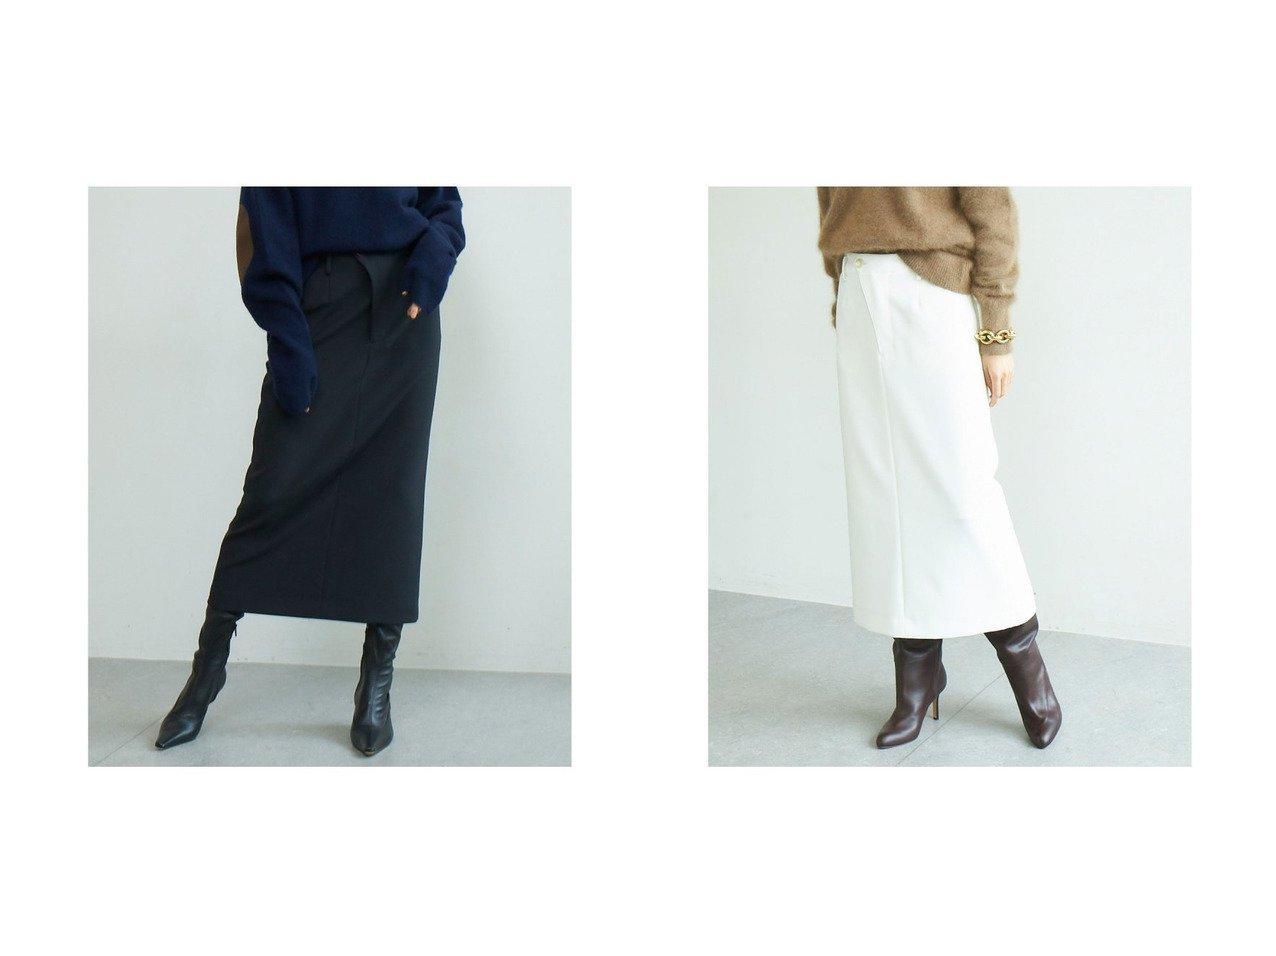 【GALLARDAGALANTE/ガリャルダガランテ】のタイトミディスカート 【スカート】おすすめ!人気、トレンド・レディースファッションの通販 おすすめで人気の流行・トレンド、ファッションの通販商品 インテリア・家具・メンズファッション・キッズファッション・レディースファッション・服の通販 founy(ファニー) https://founy.com/ ファッション Fashion レディースファッション WOMEN スカート Skirt ロングスカート Long Skirt ジャケット スリット タイトスカート パーカー ロング |ID:crp329100000072562